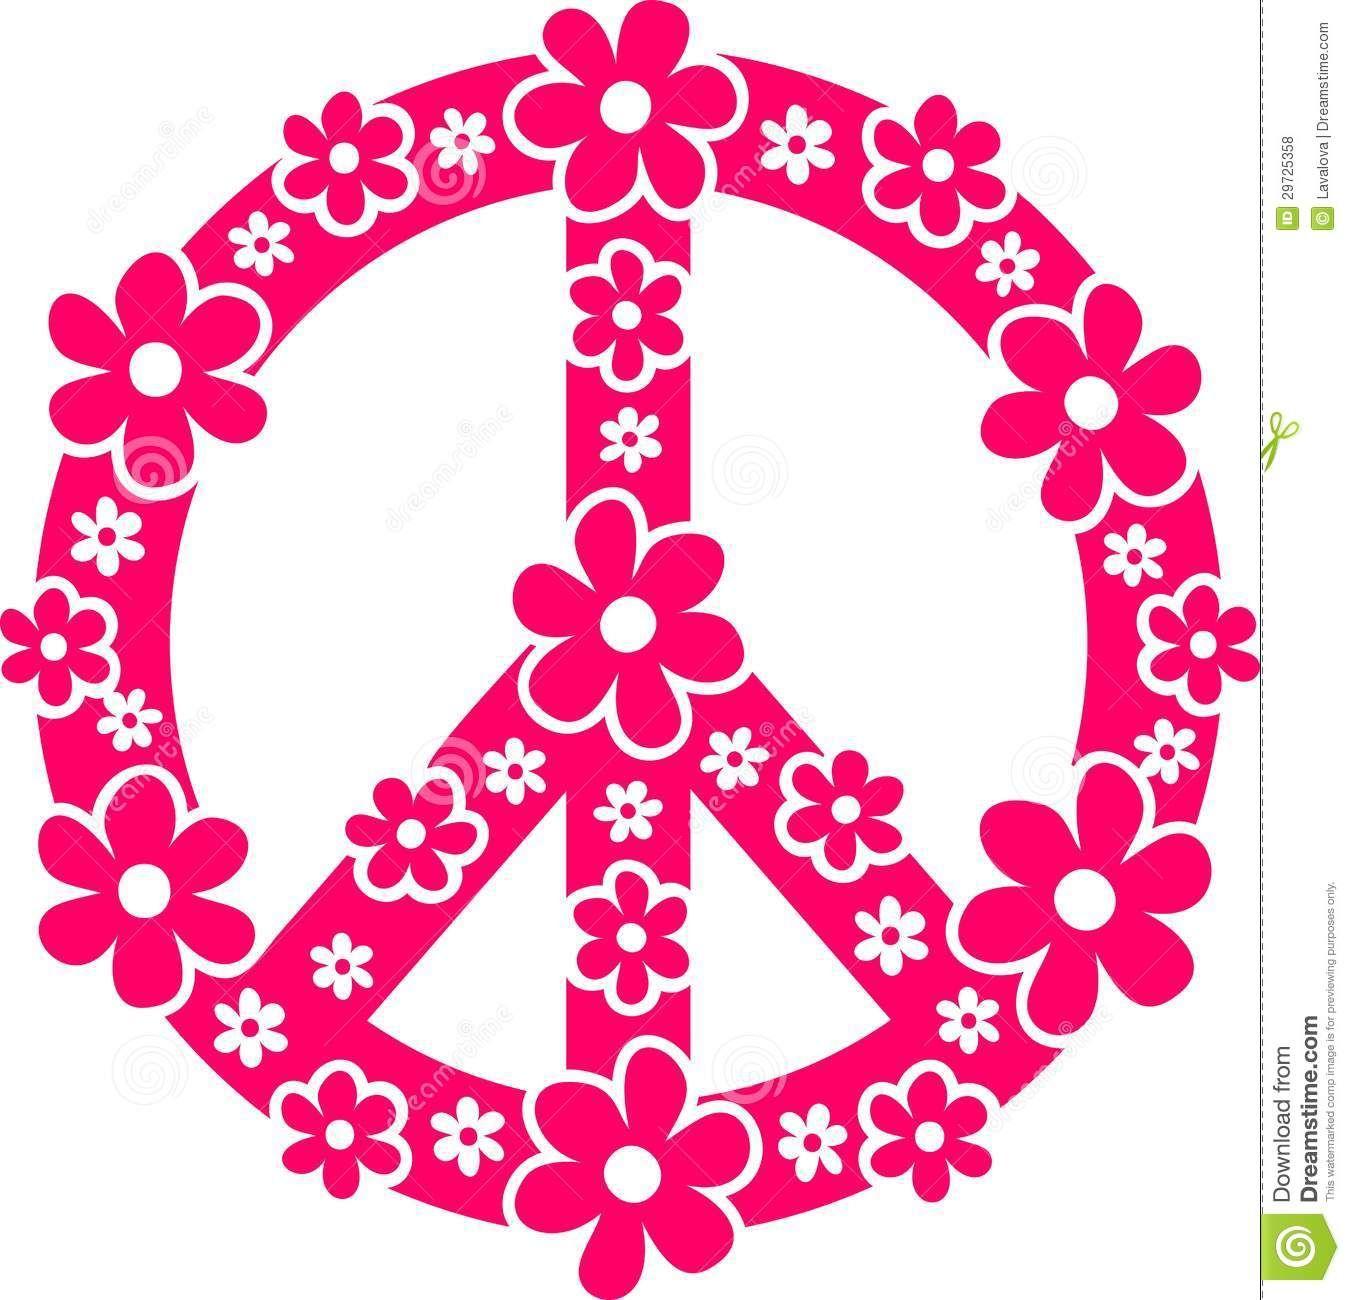 simbolo de la paz  Buscar con Google  Smbolos  Pinterest